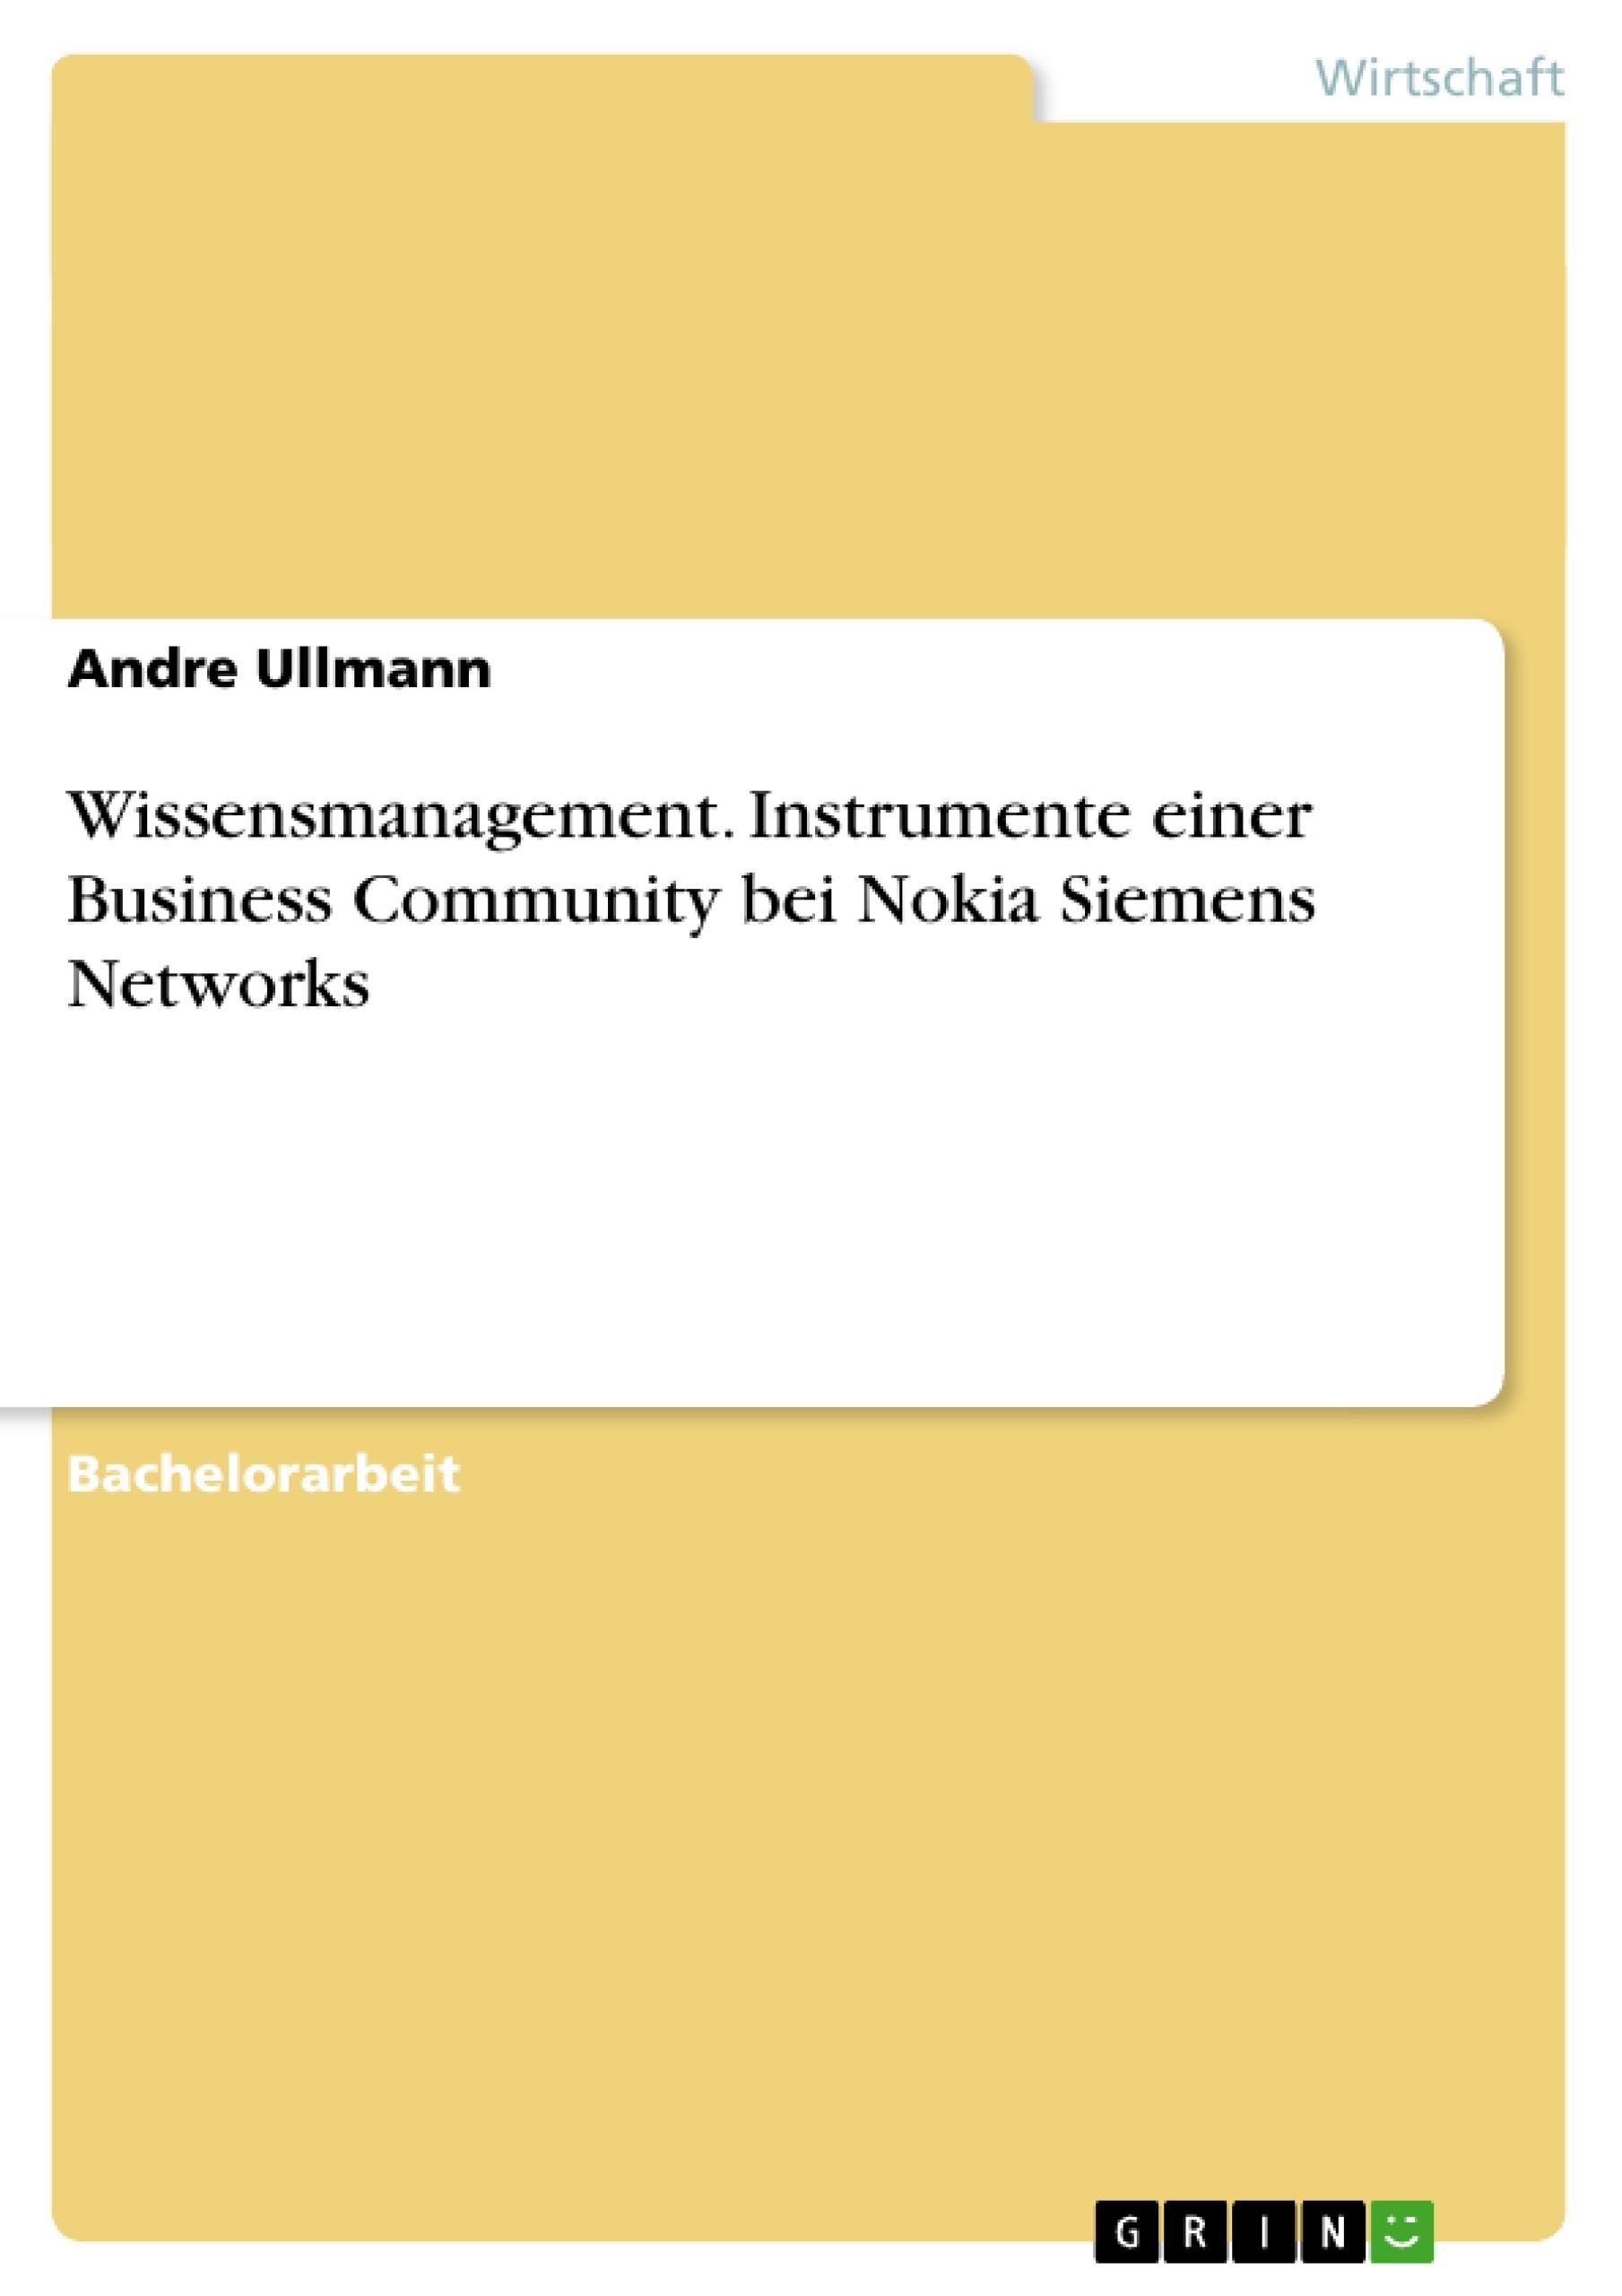 Titel: Wissensmanagement. Instrumente einer Business Community bei Nokia Siemens Networks